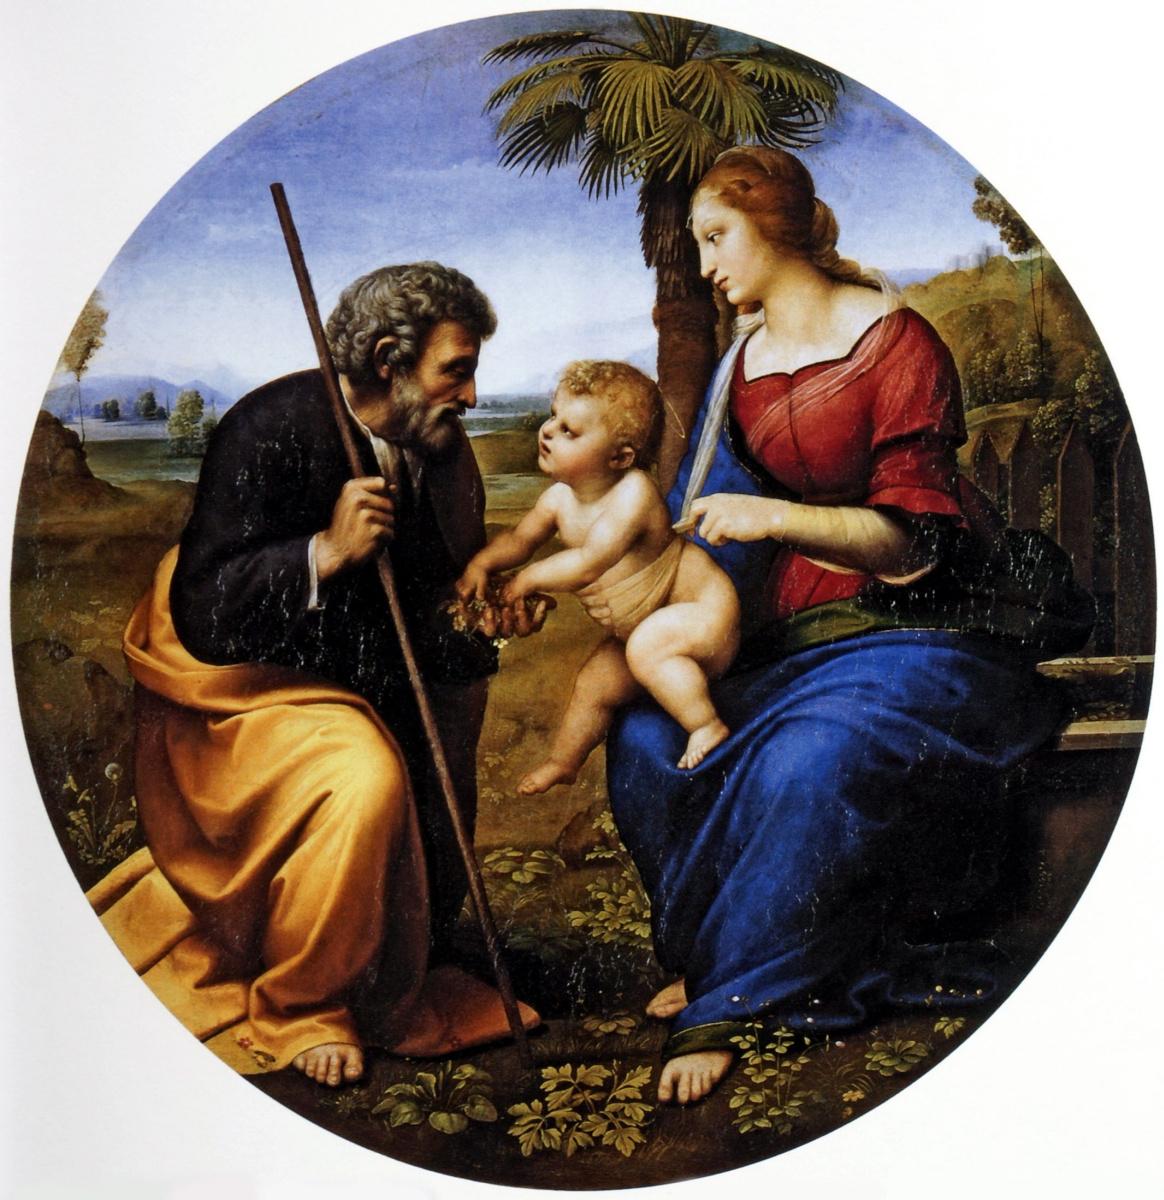 Рафаэль Санти. Святое семейство под пальмой (Мадонна под пальмой)